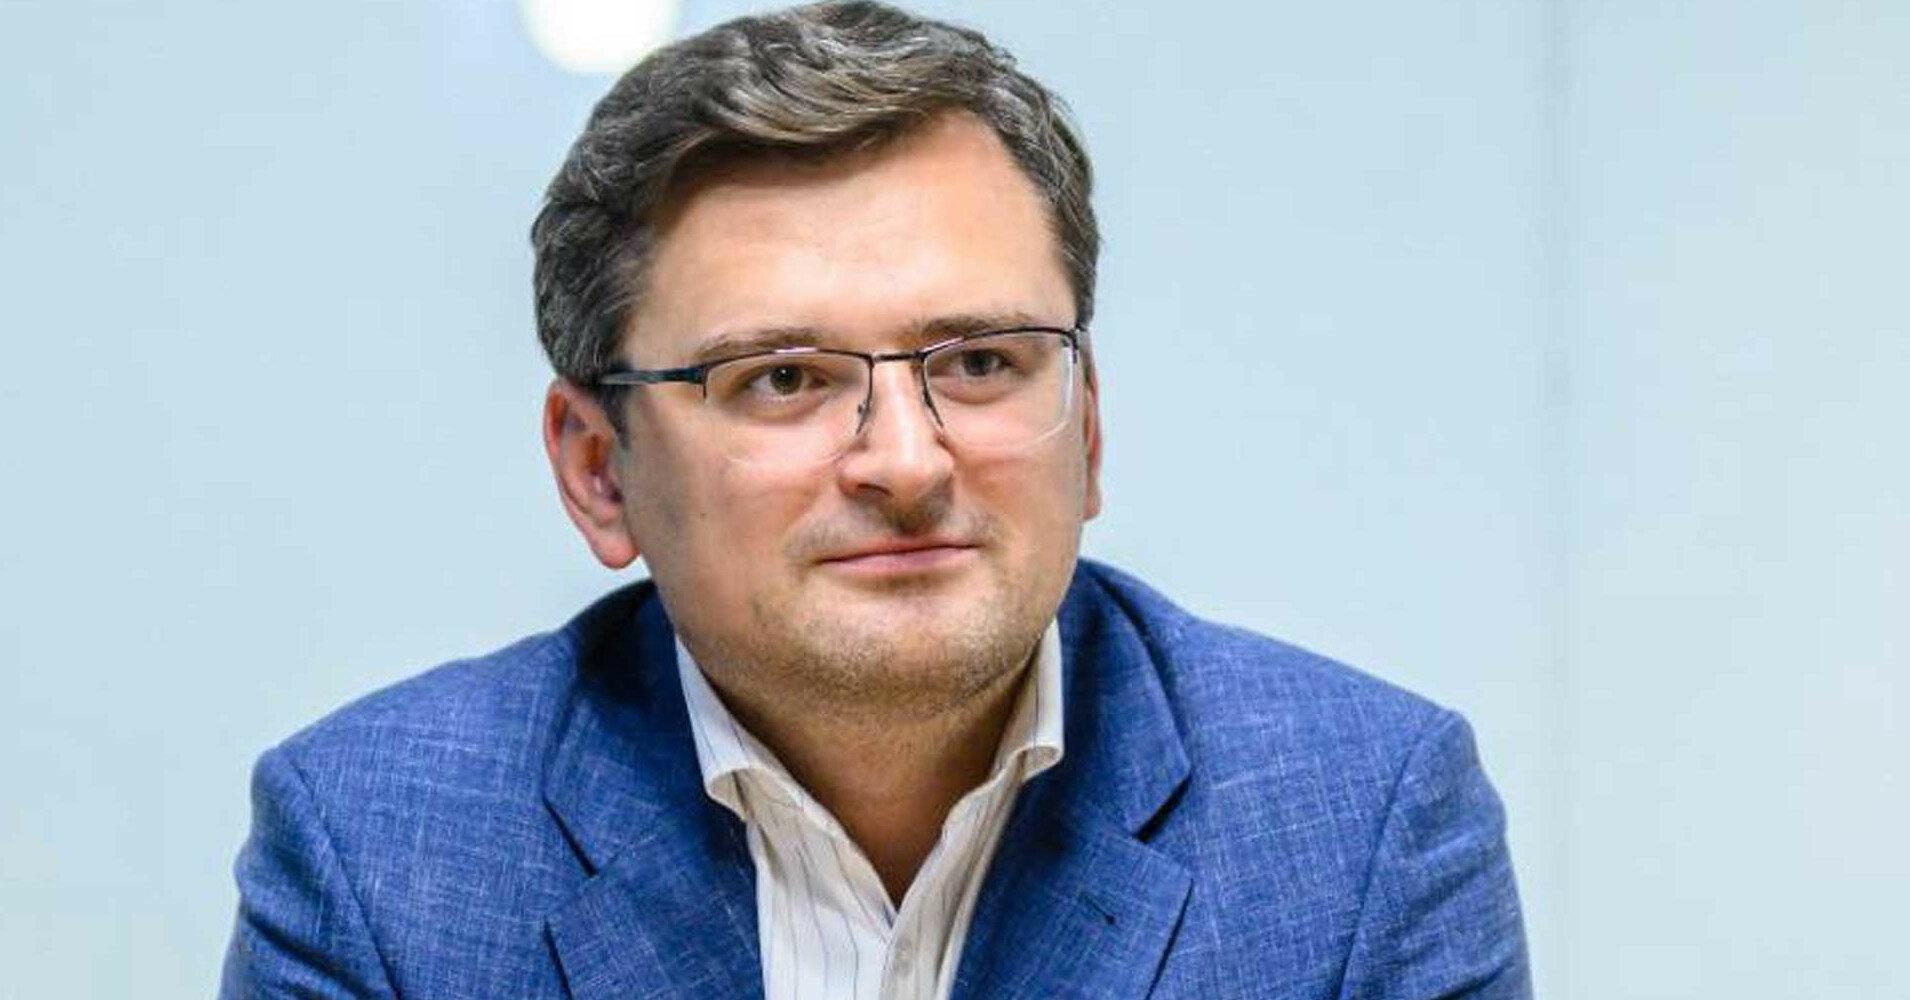 Россия увеличивает ядерный потенциал в Крыму - Кулеба